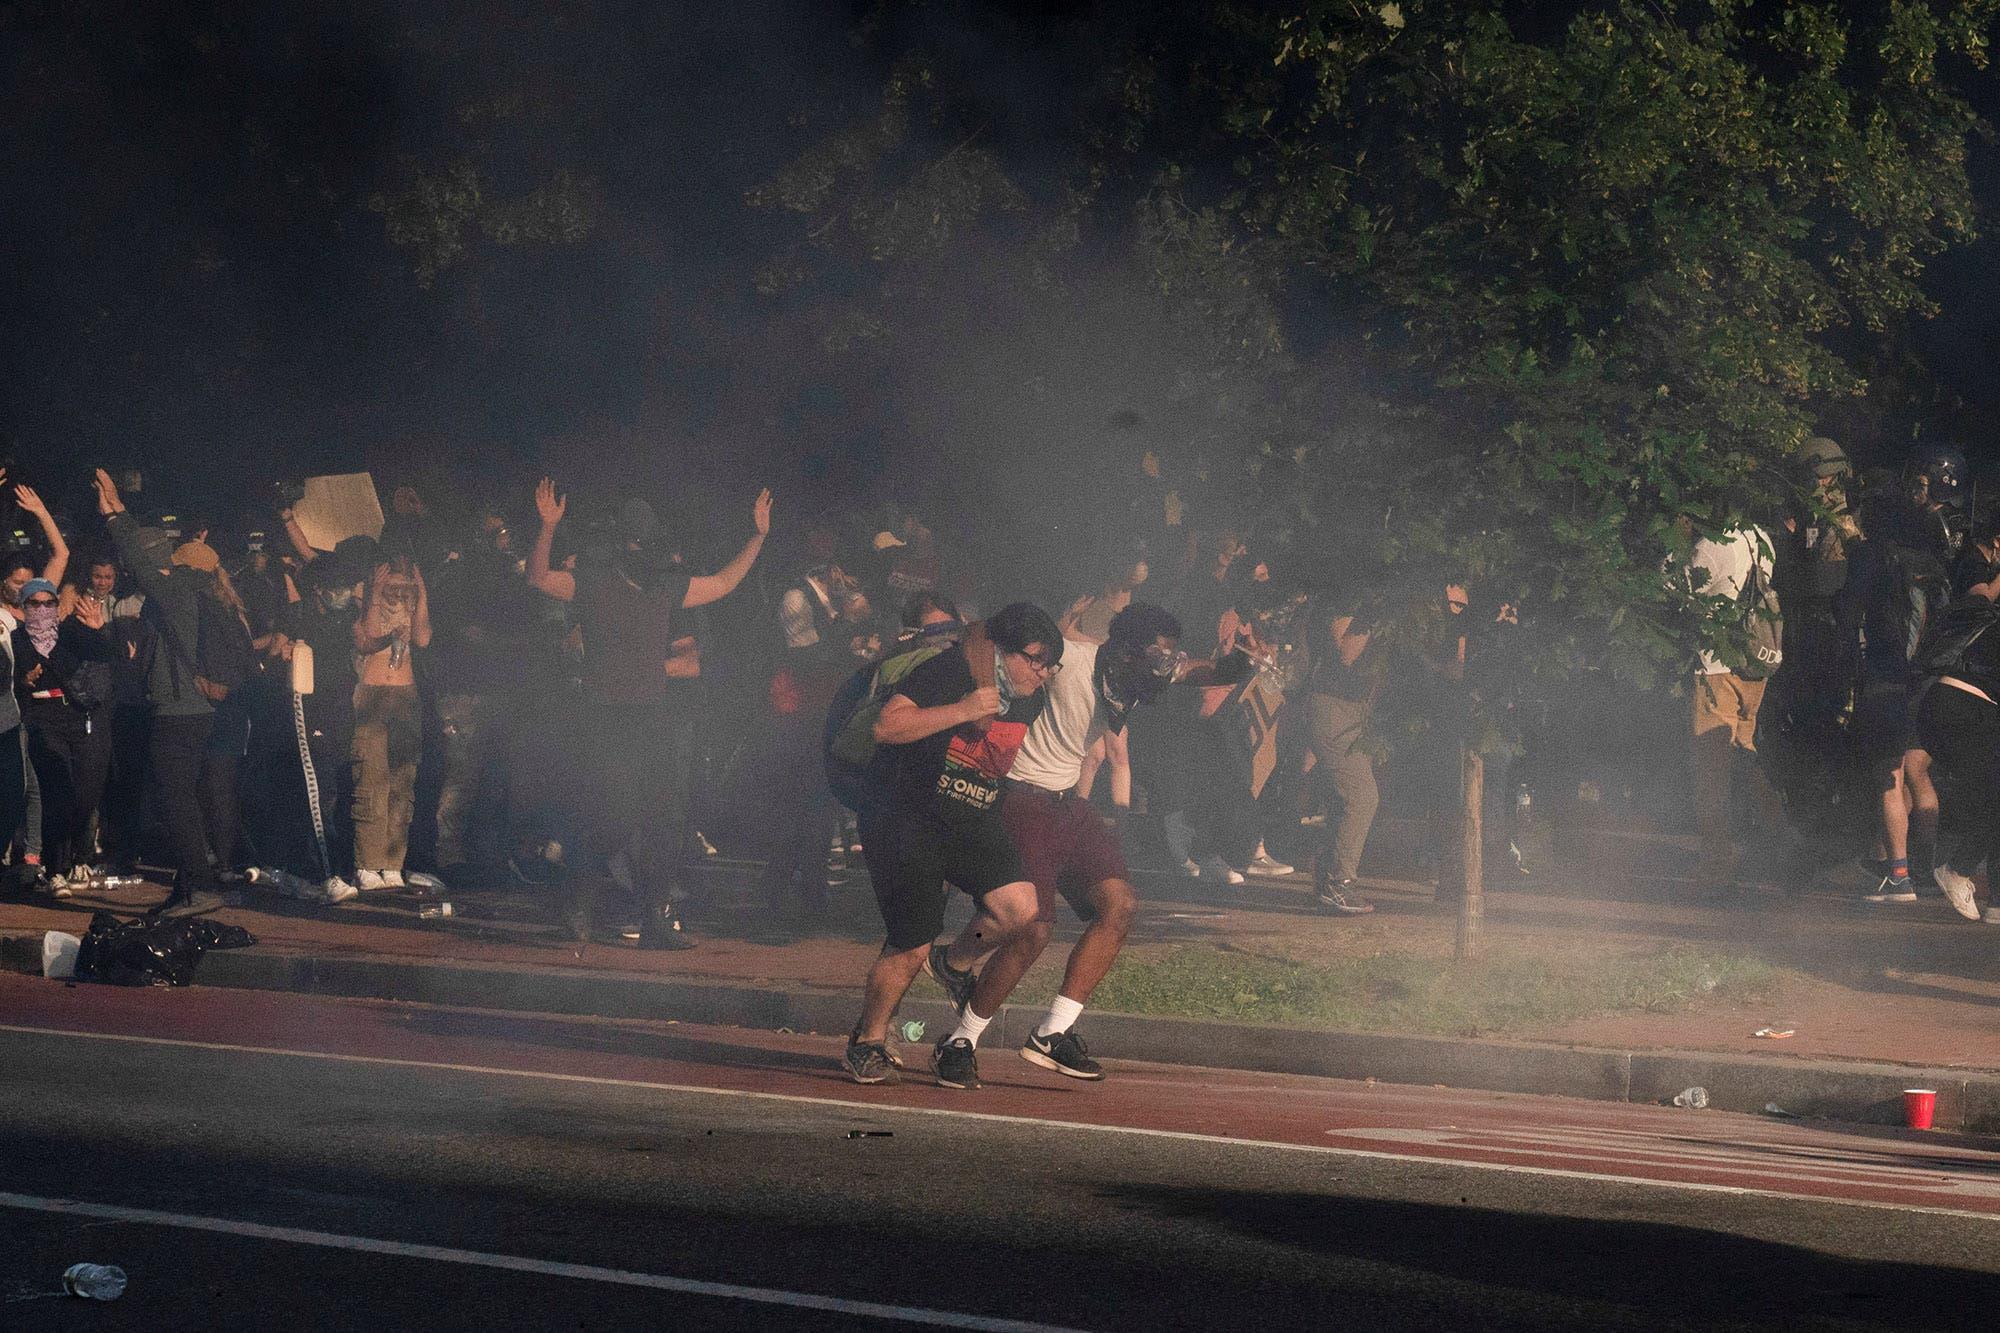 Protestas: la tensión racial en EE.UU. profundiza la polarización política